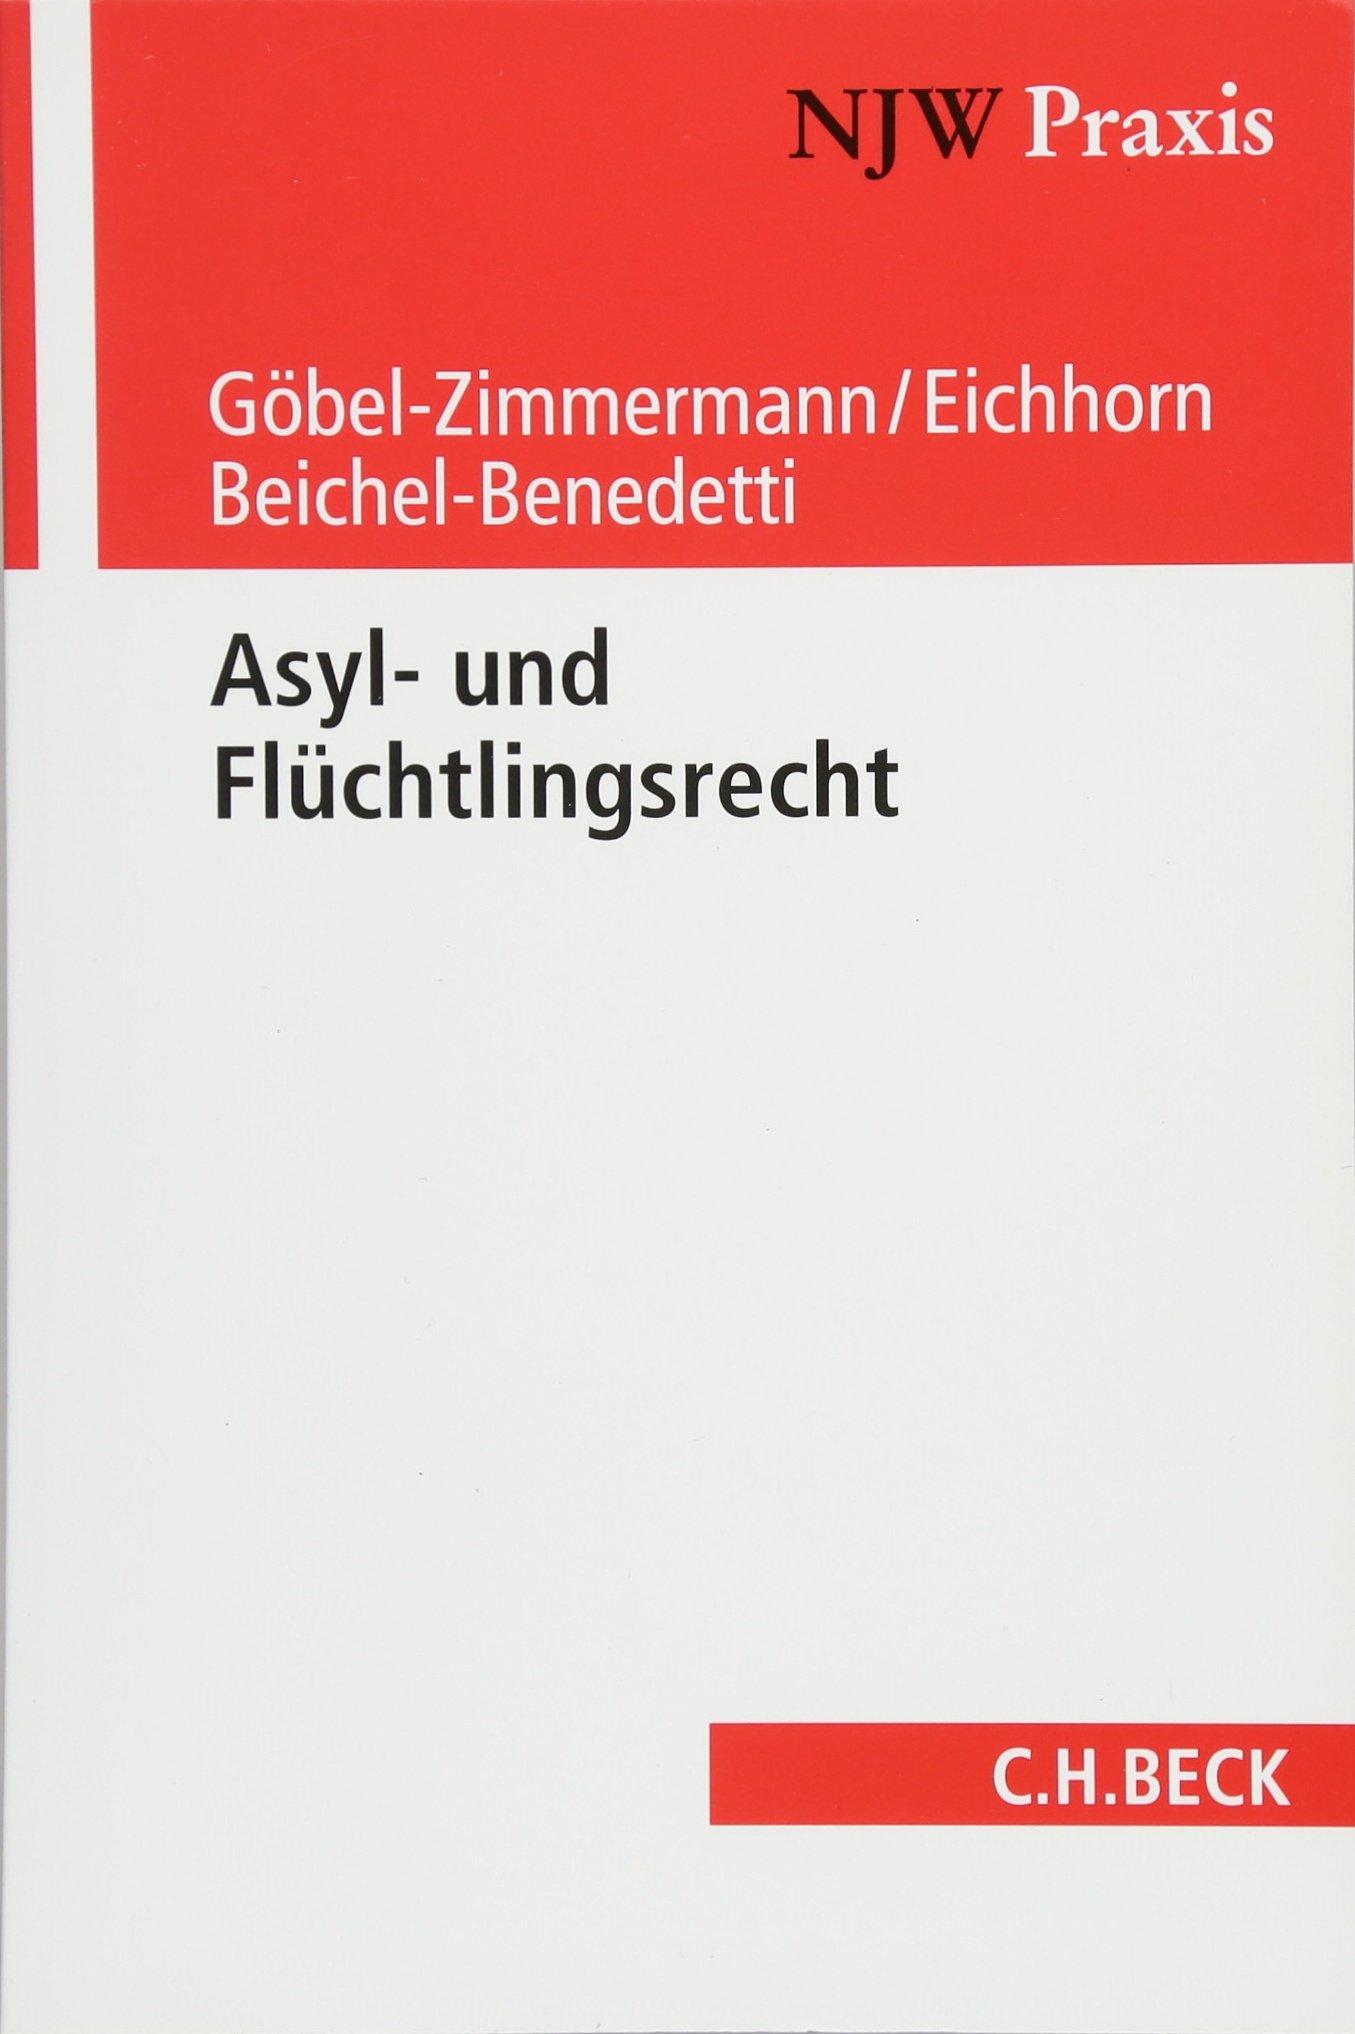 Asyl- und Flüchtlingsrecht: Amazon.de: Ralph Göbel-Zimmermann ...